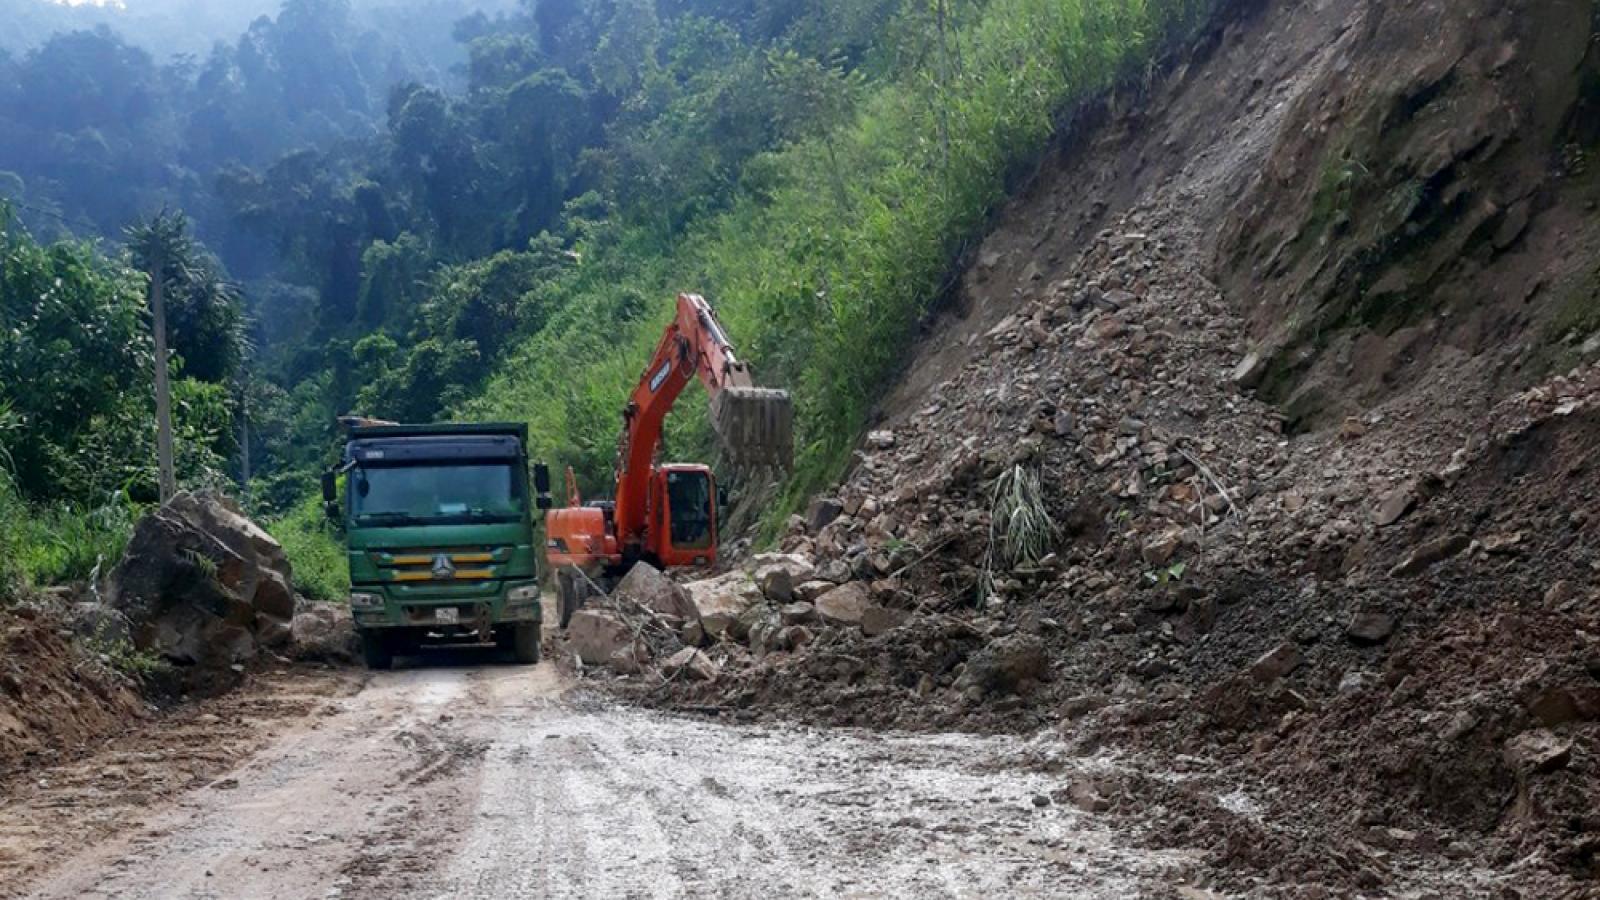 Lai Châu mưa trên diện rộng, nguy cơ sạt lở đất, đá rơi trên các tuyến giao thông